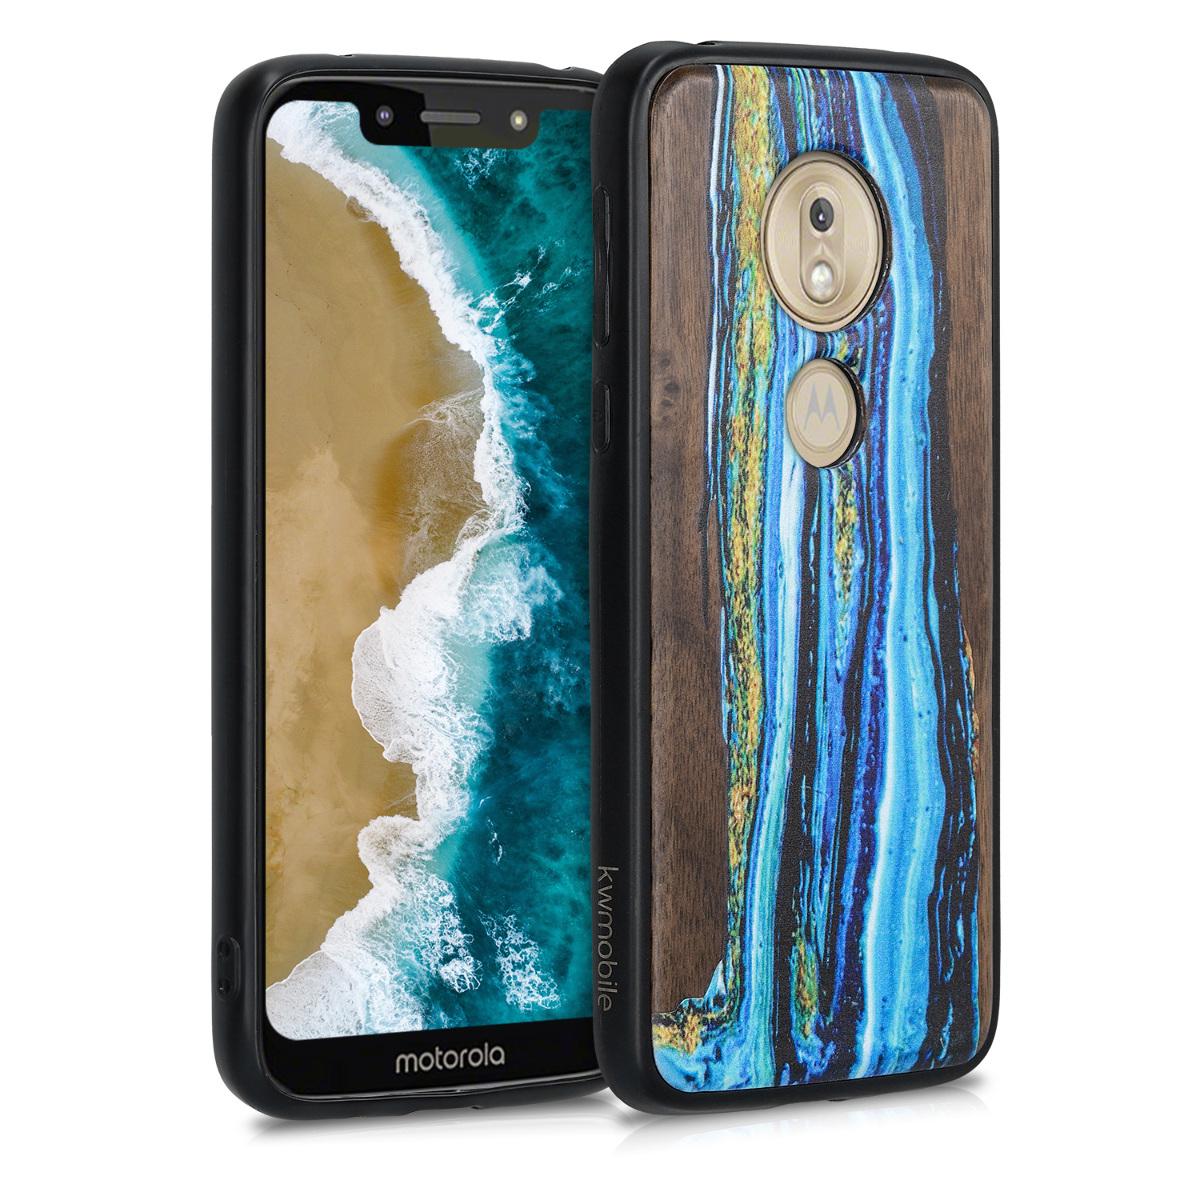 Dřevěné pouzdro   obal pro Motorola Moto G7 Play (EU-Version) - Akvarelové vlny Modrá / Hnědá